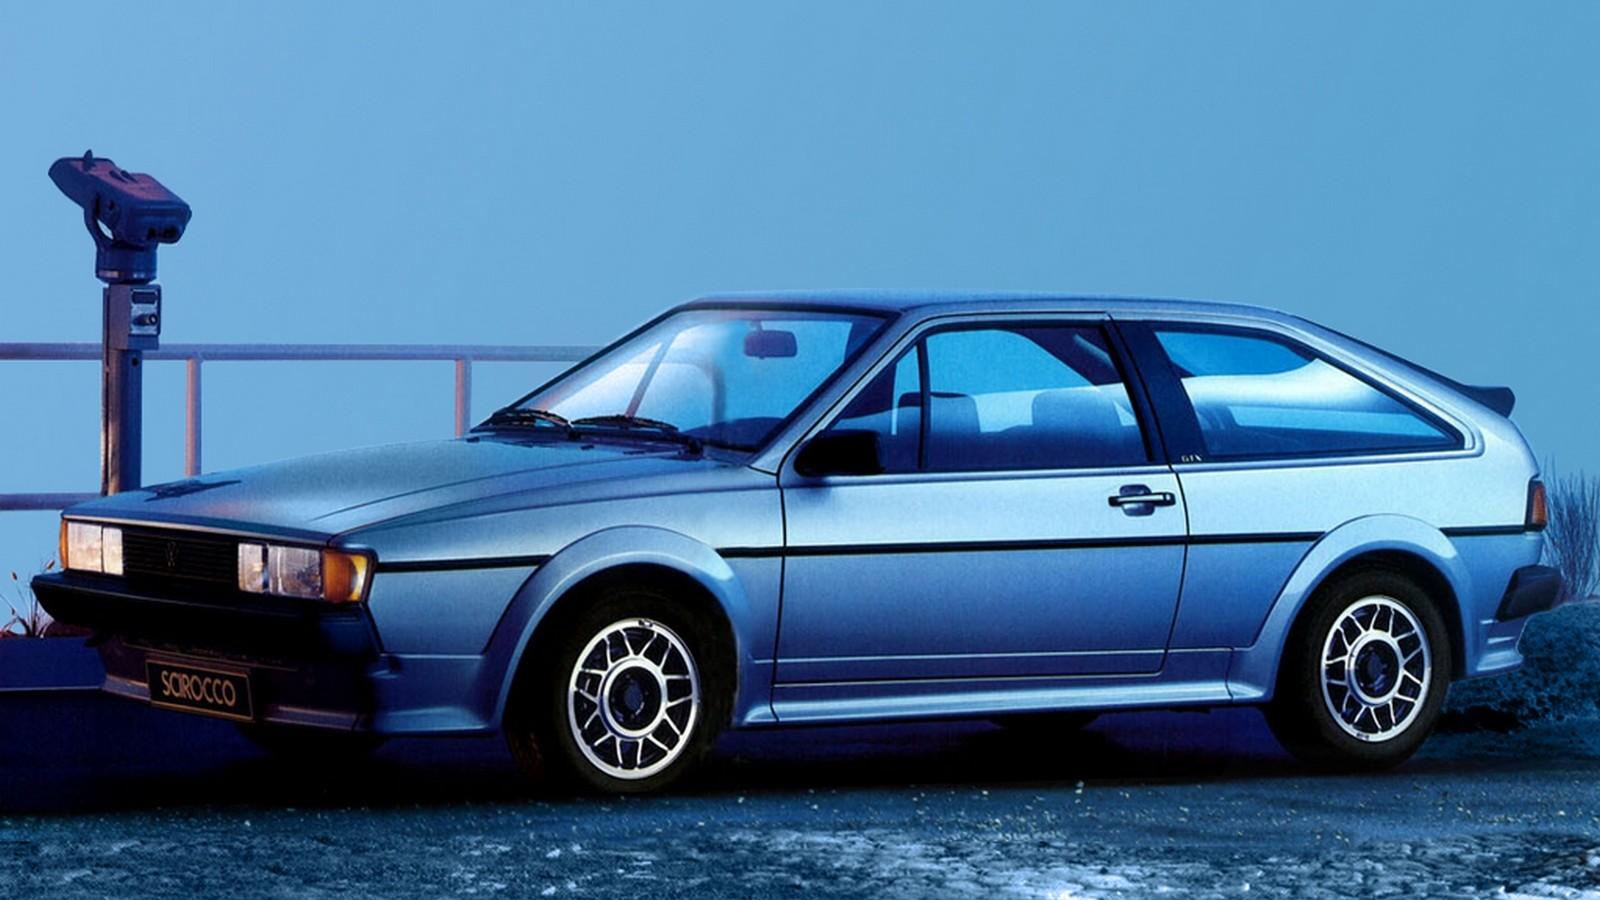 Помимо «буквенных» модификаций GT, GTX и GTS, эту модель выпускали и в «именных» версиях Storm, Tromic, White Cat, Scala